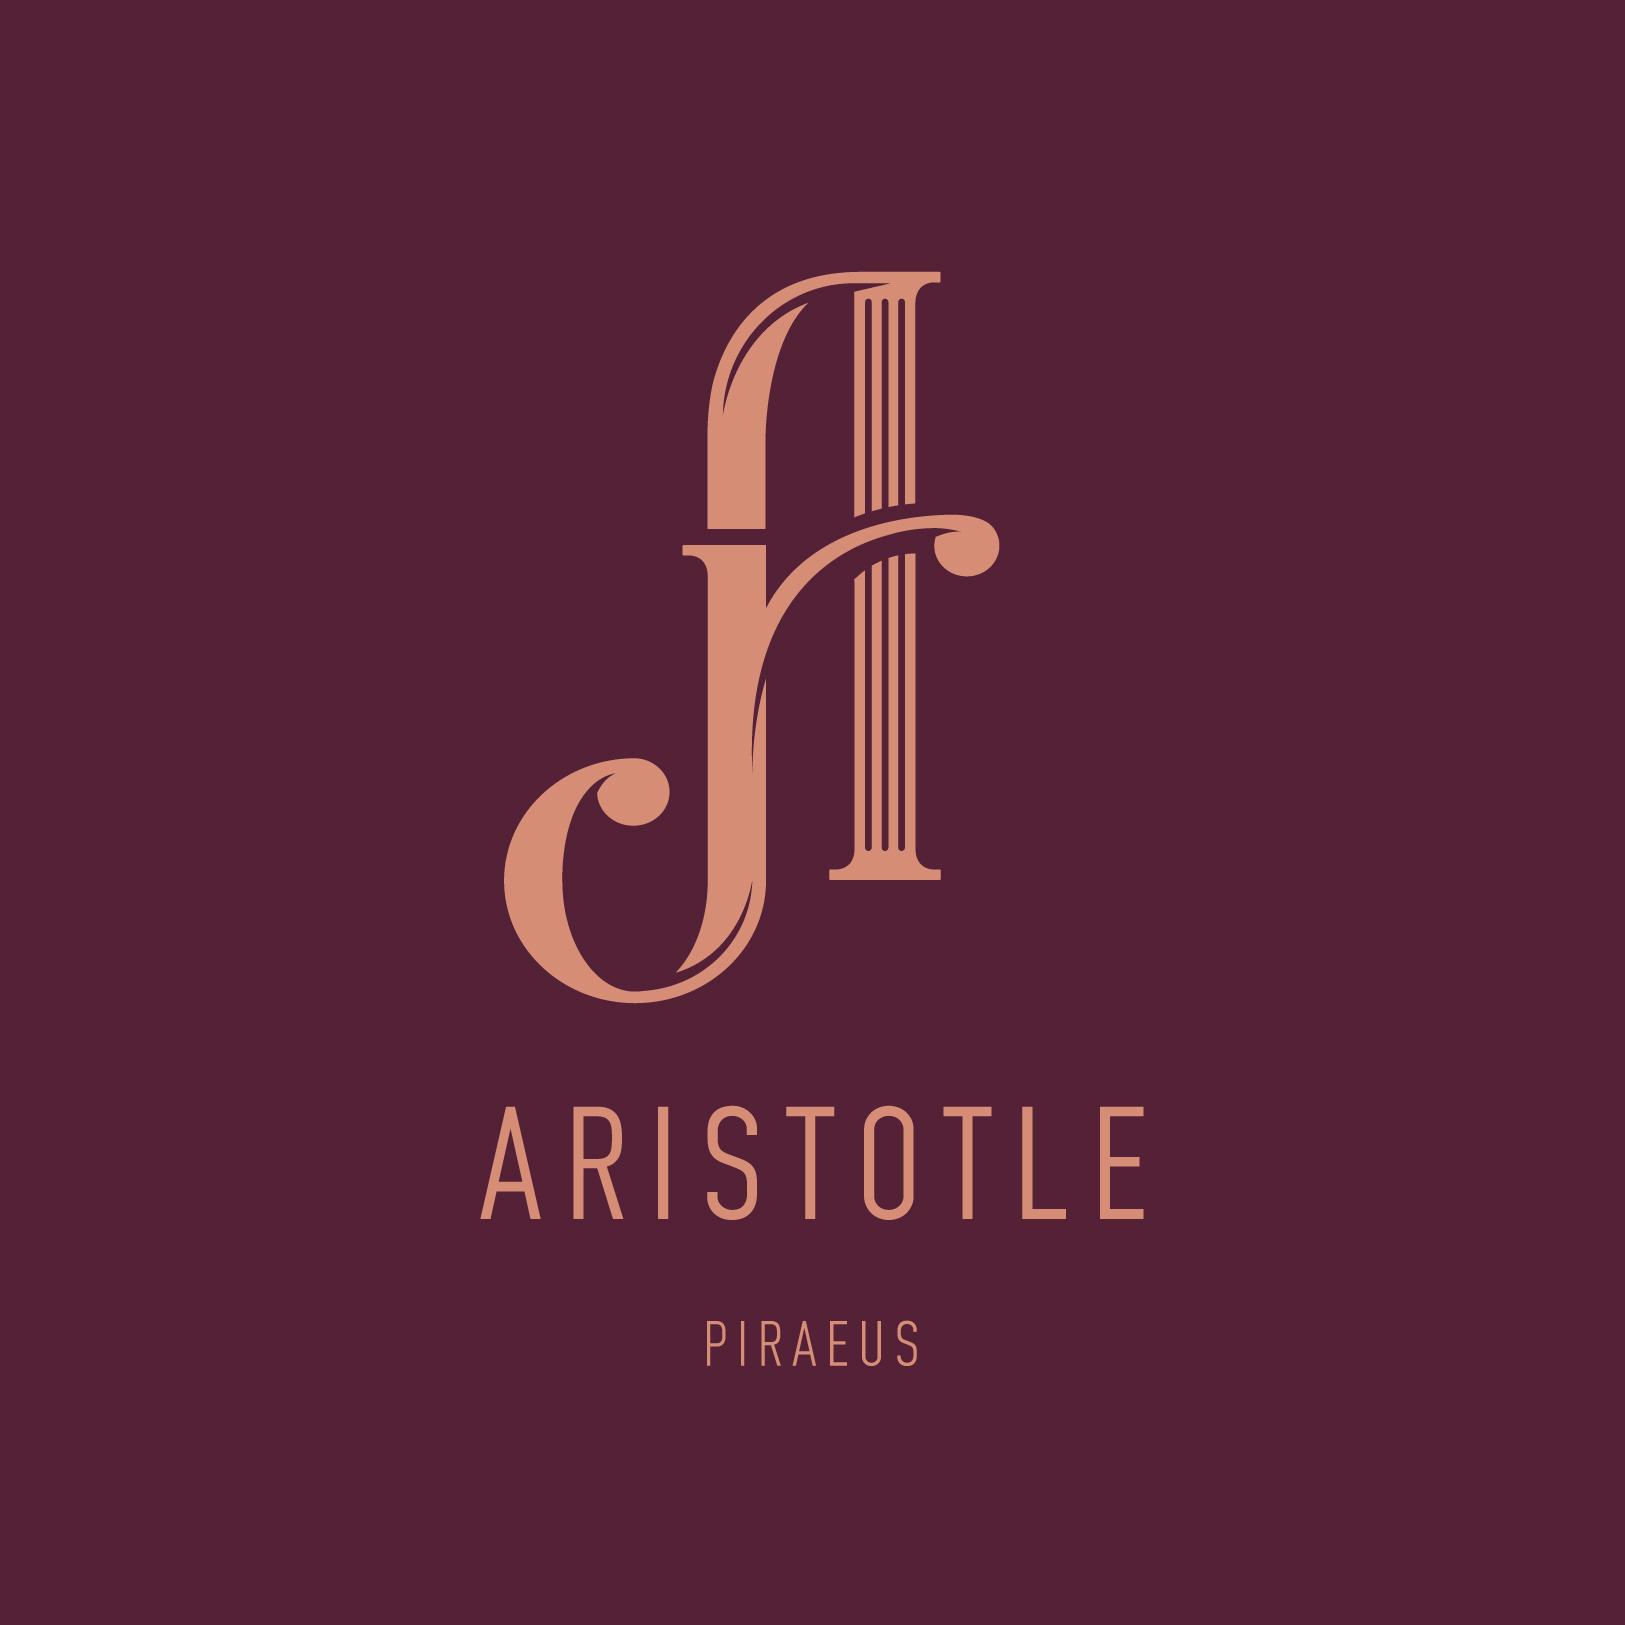 Aristotle Piraeus